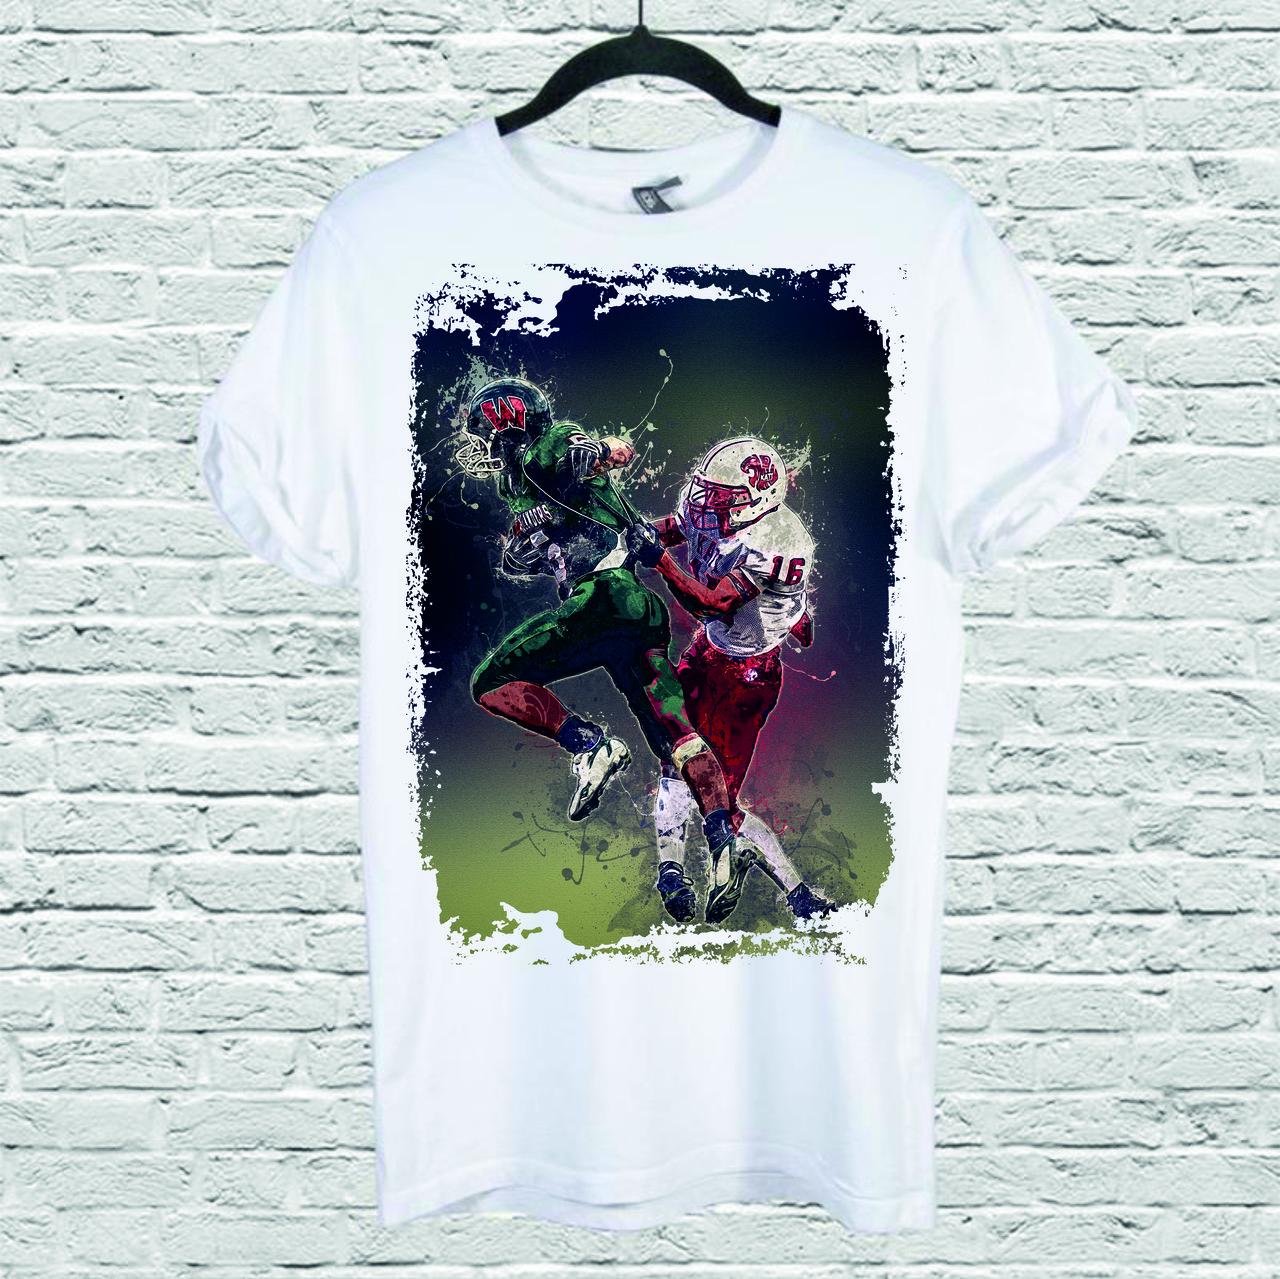 Футболка мужская с принтом Football_2